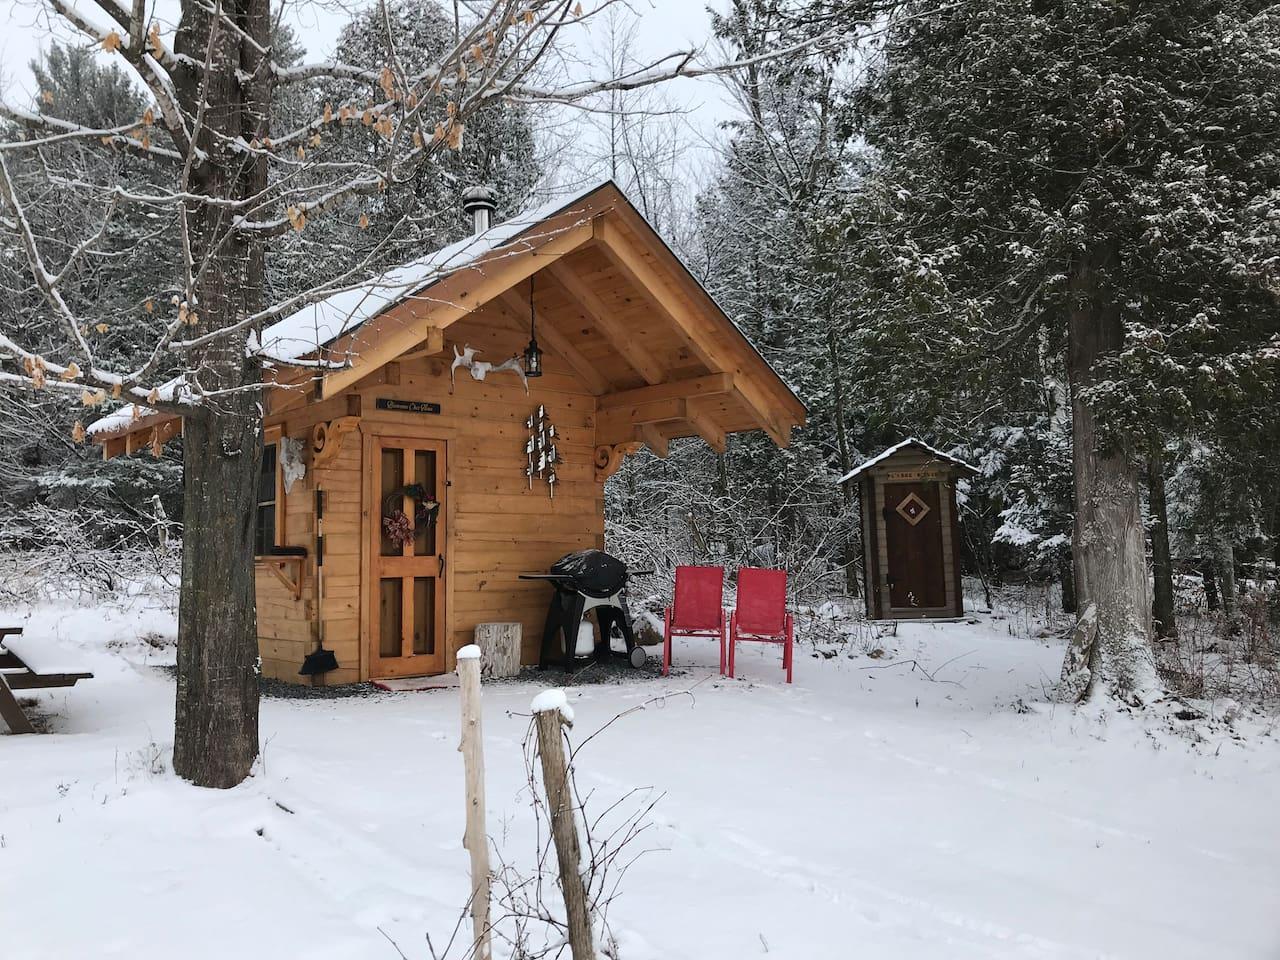 10'x10' log cabin